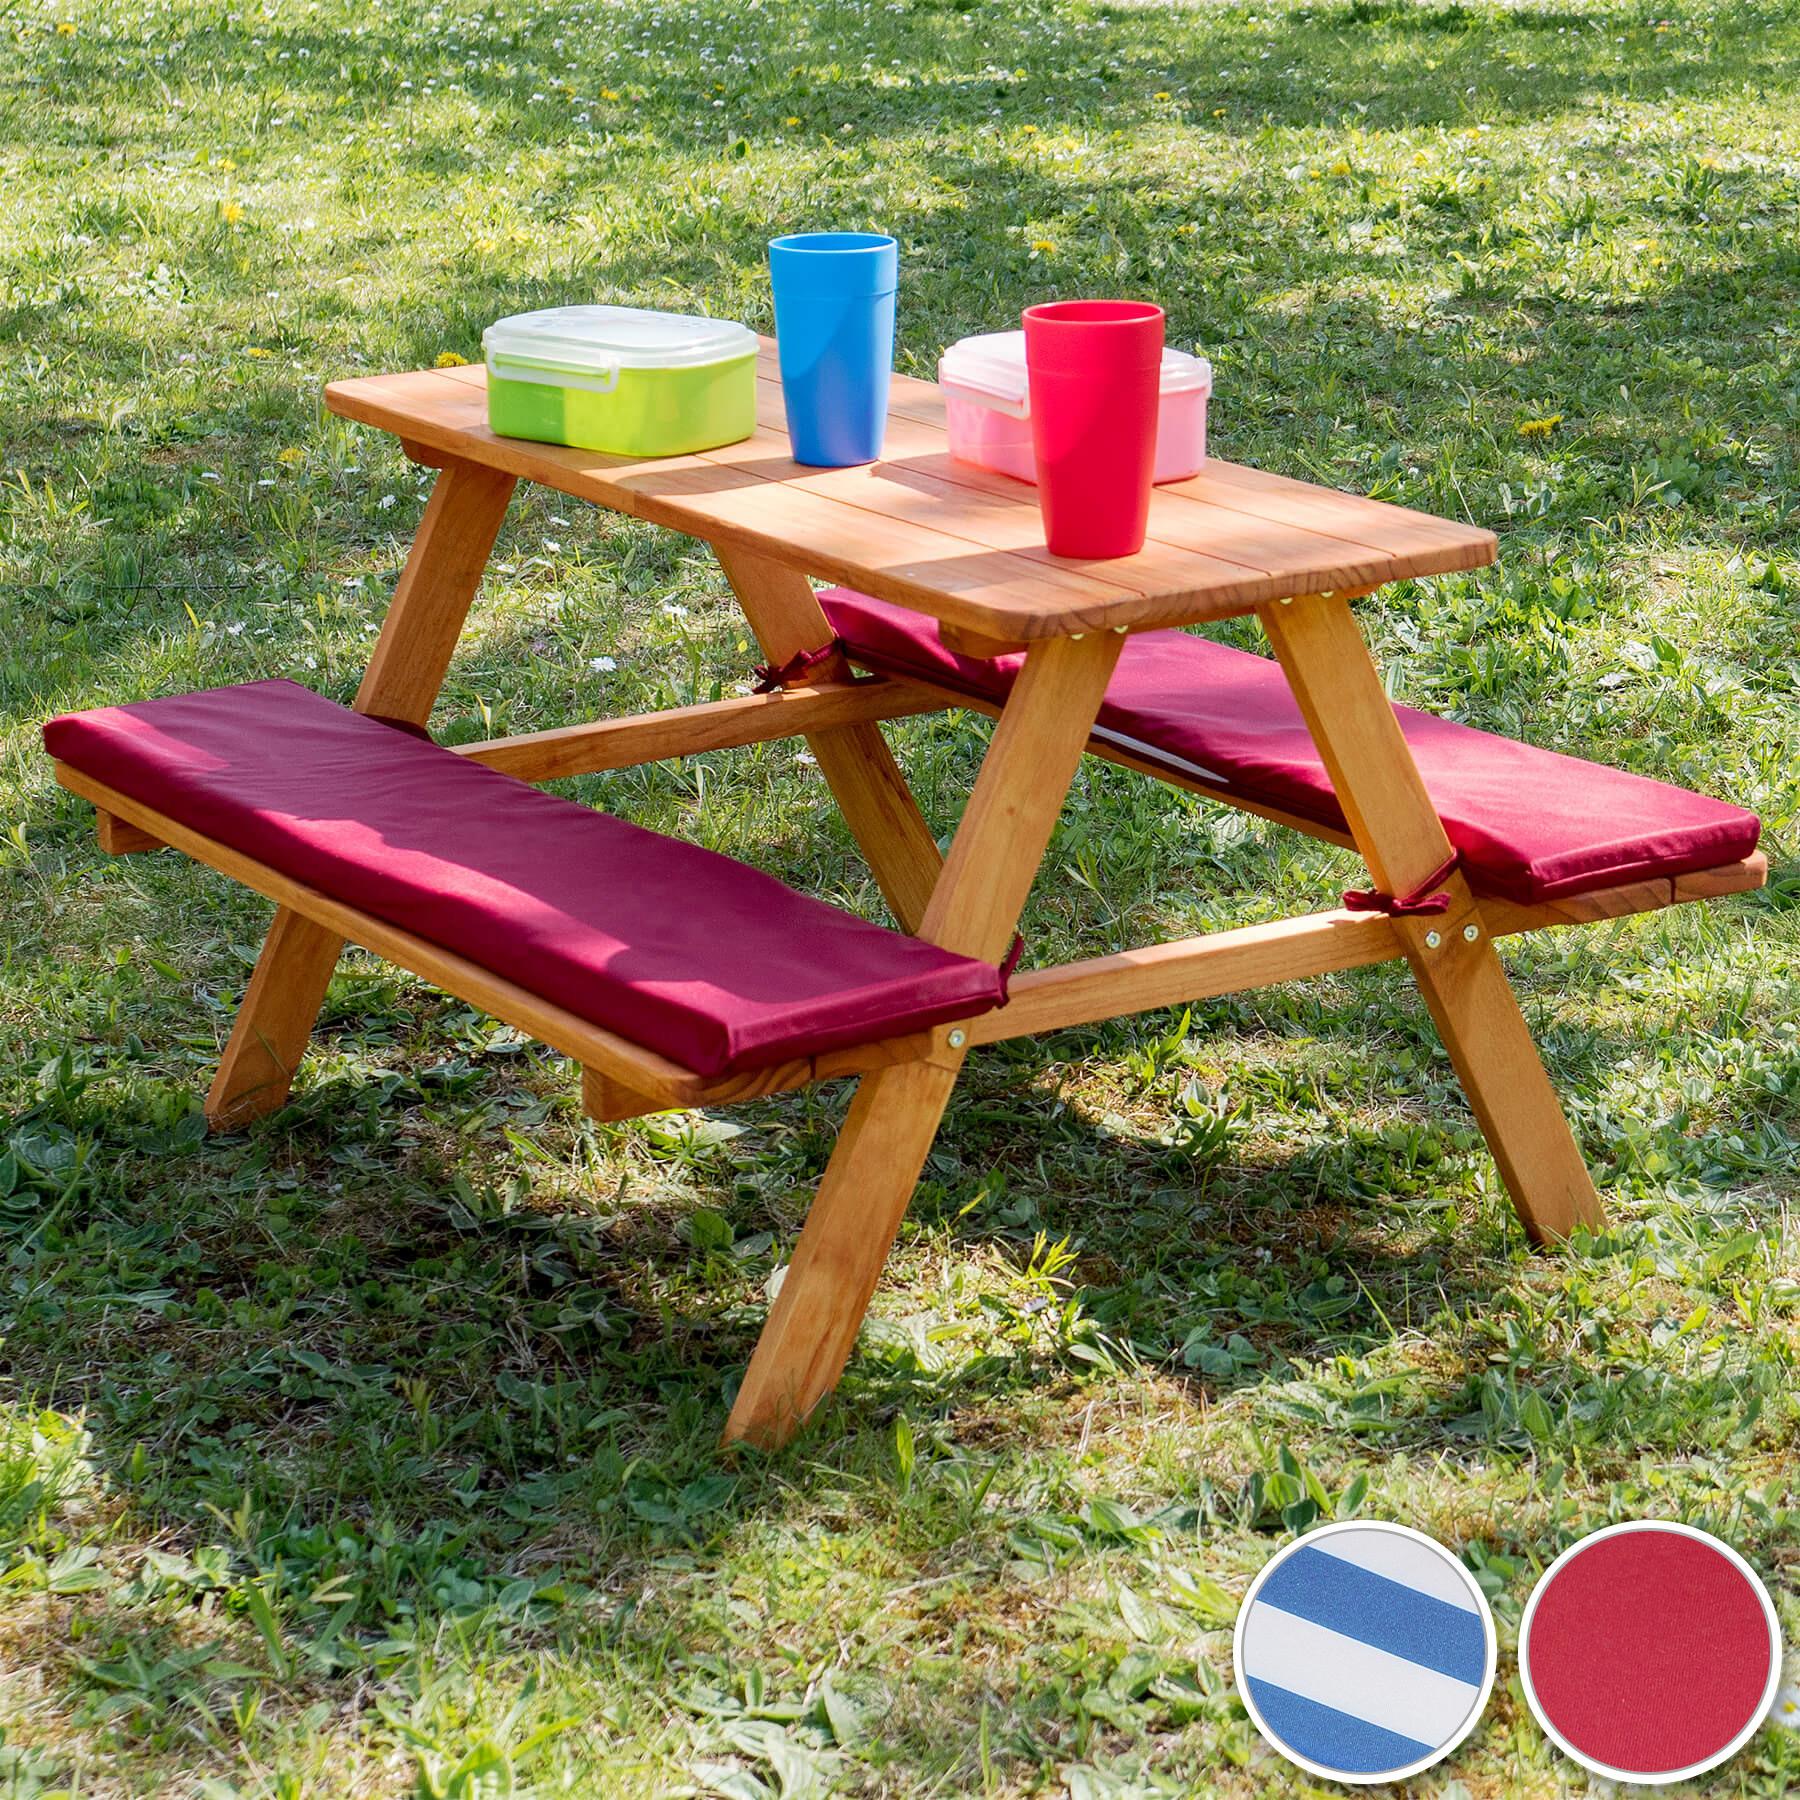 Détails Sur Table Bancs De Pique-Nique Meubles Enfants Bois Jardin Avec  Coussins Rouge avec Table Jardin Bois Enfant